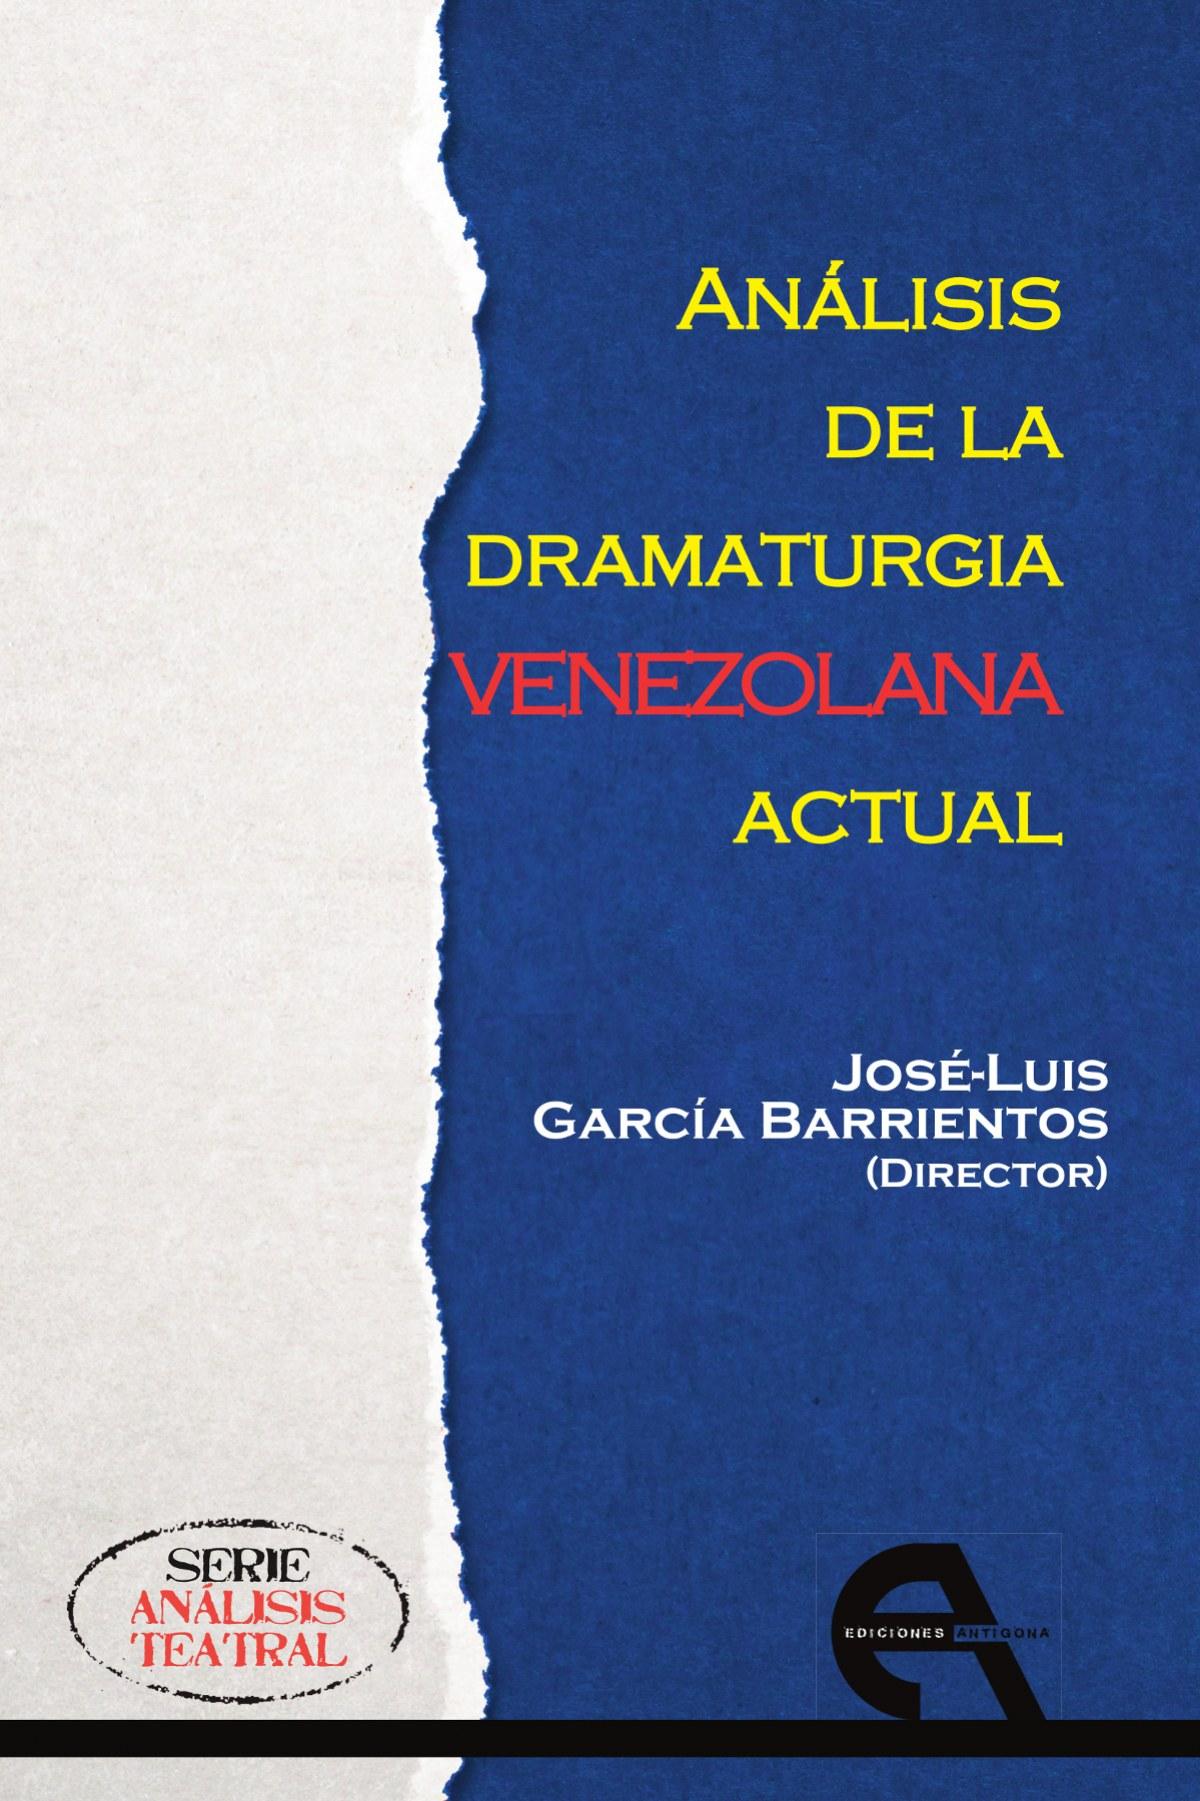 ANÁLISIS DE LA DRAMATURGA VENEZOLANA ACTUAL